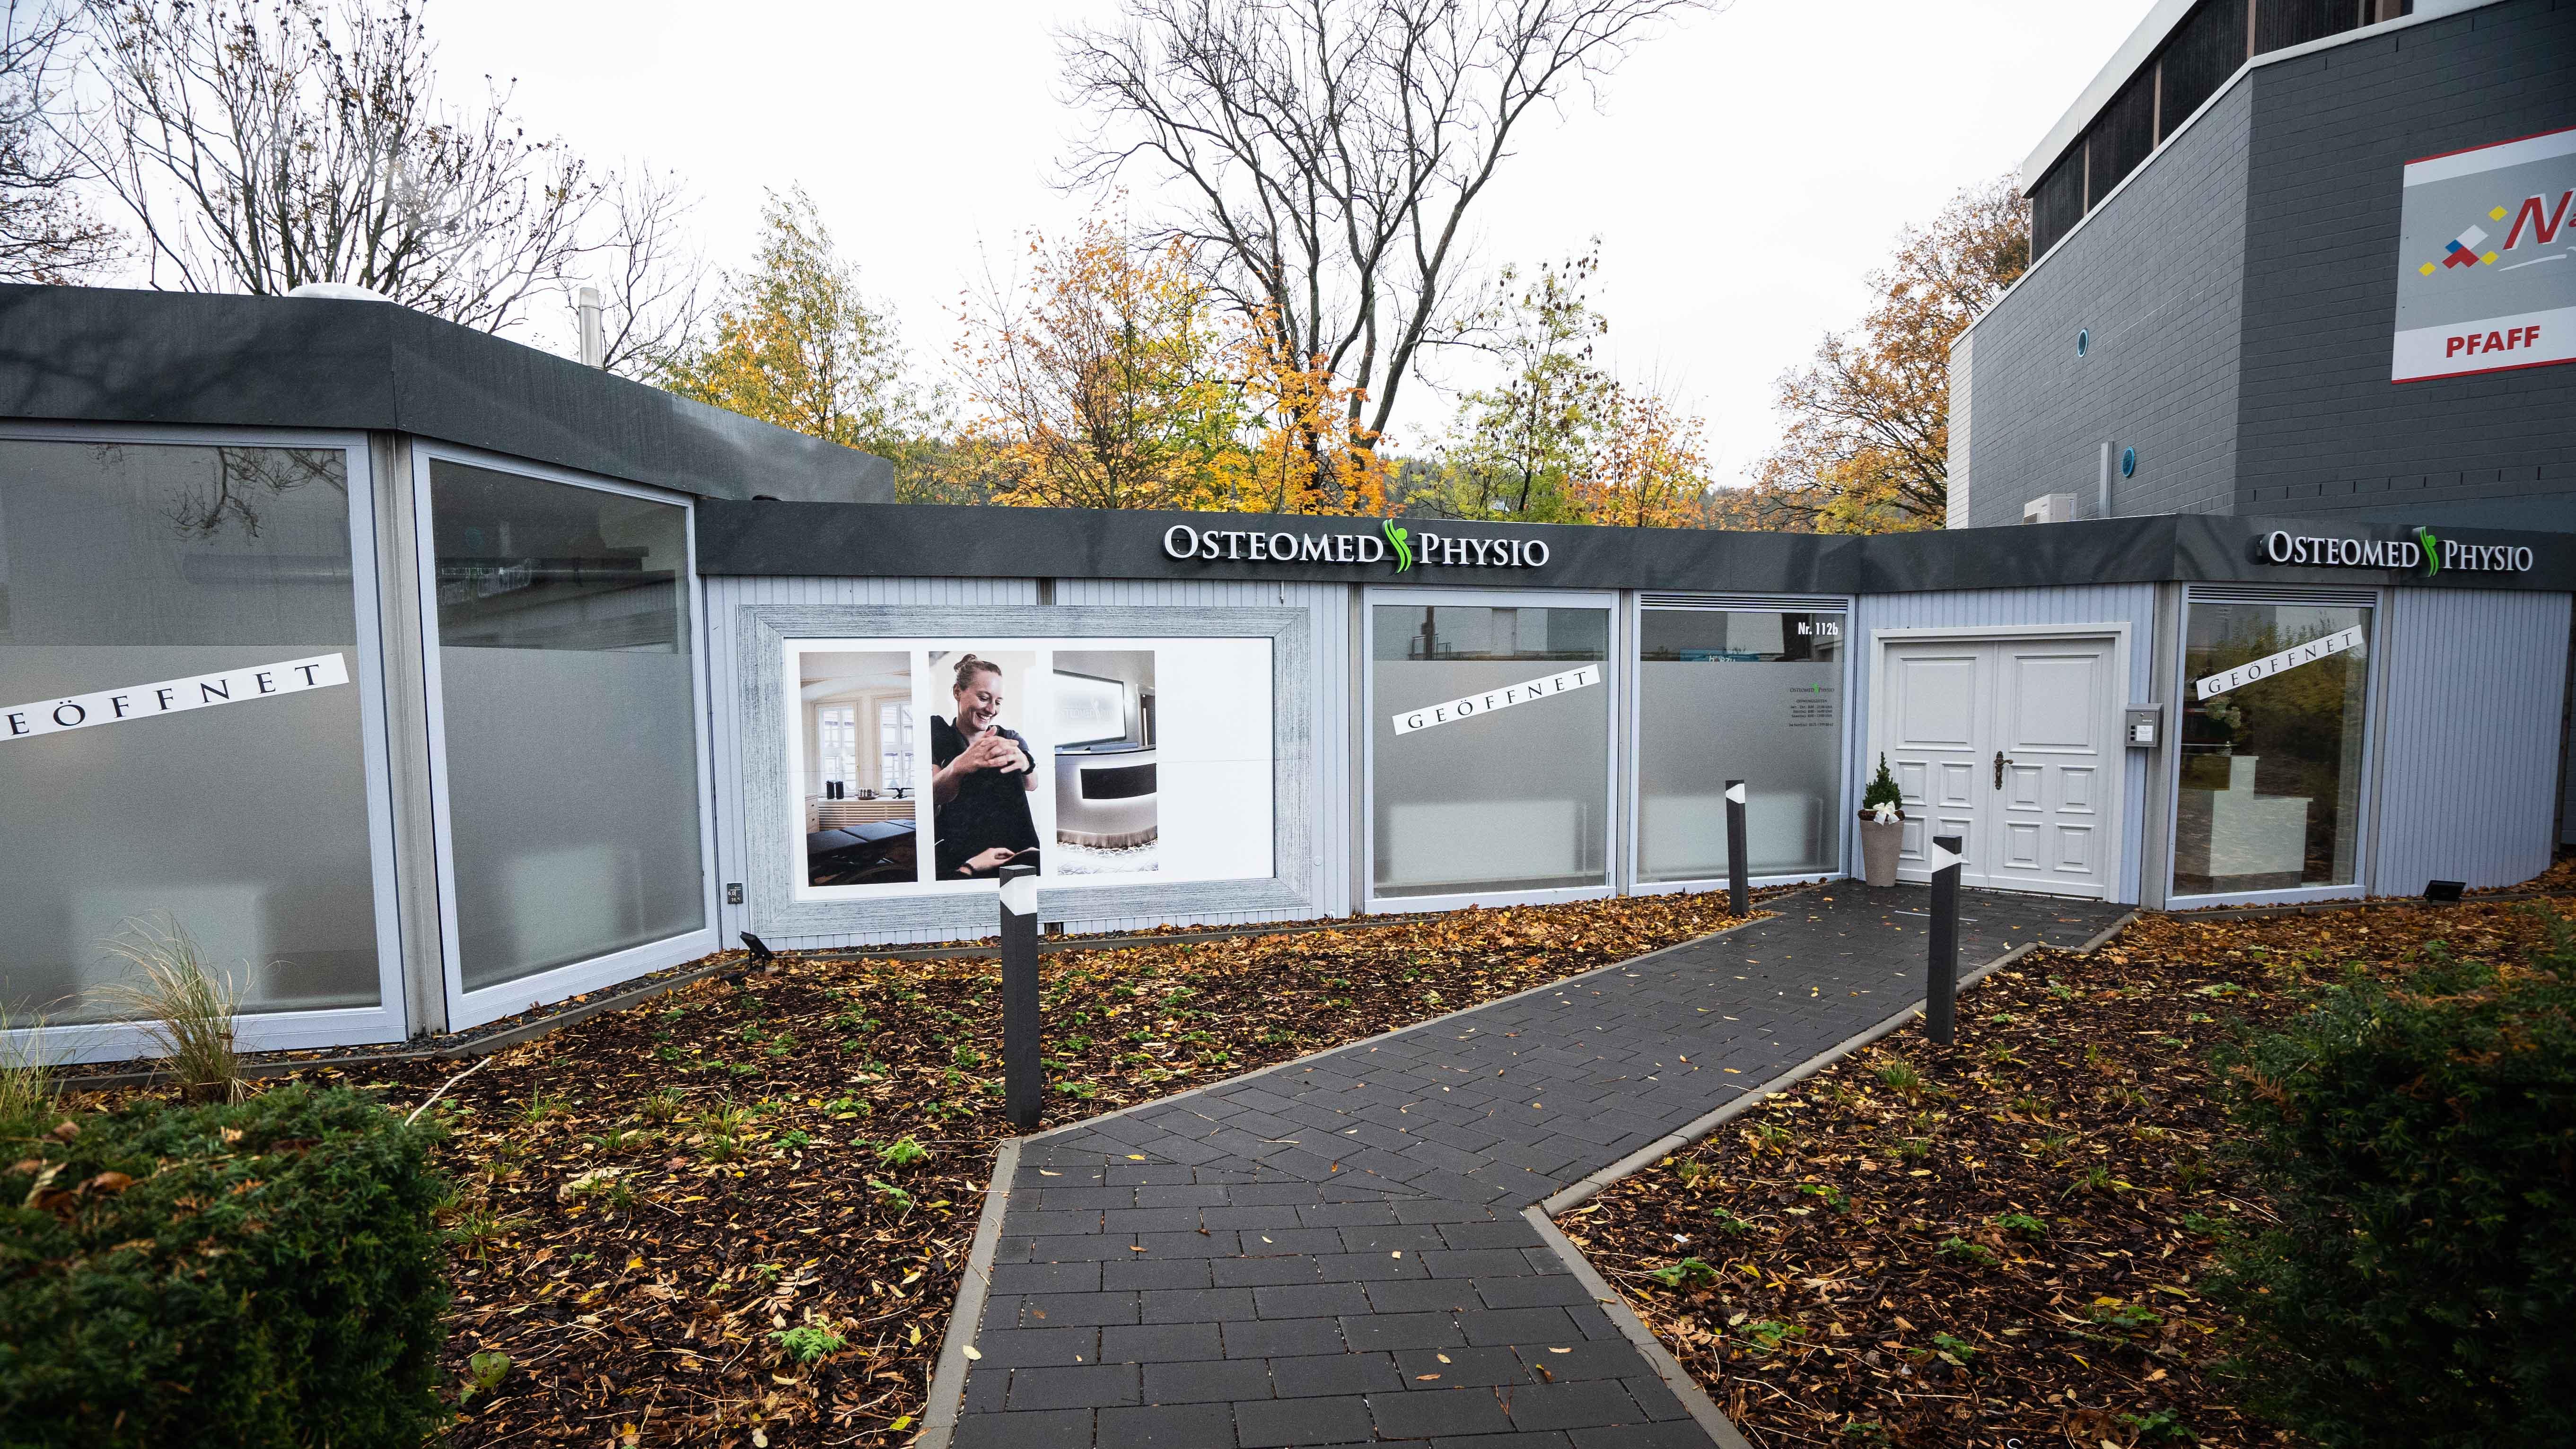 Funktionelle Osteopathie in Goslar